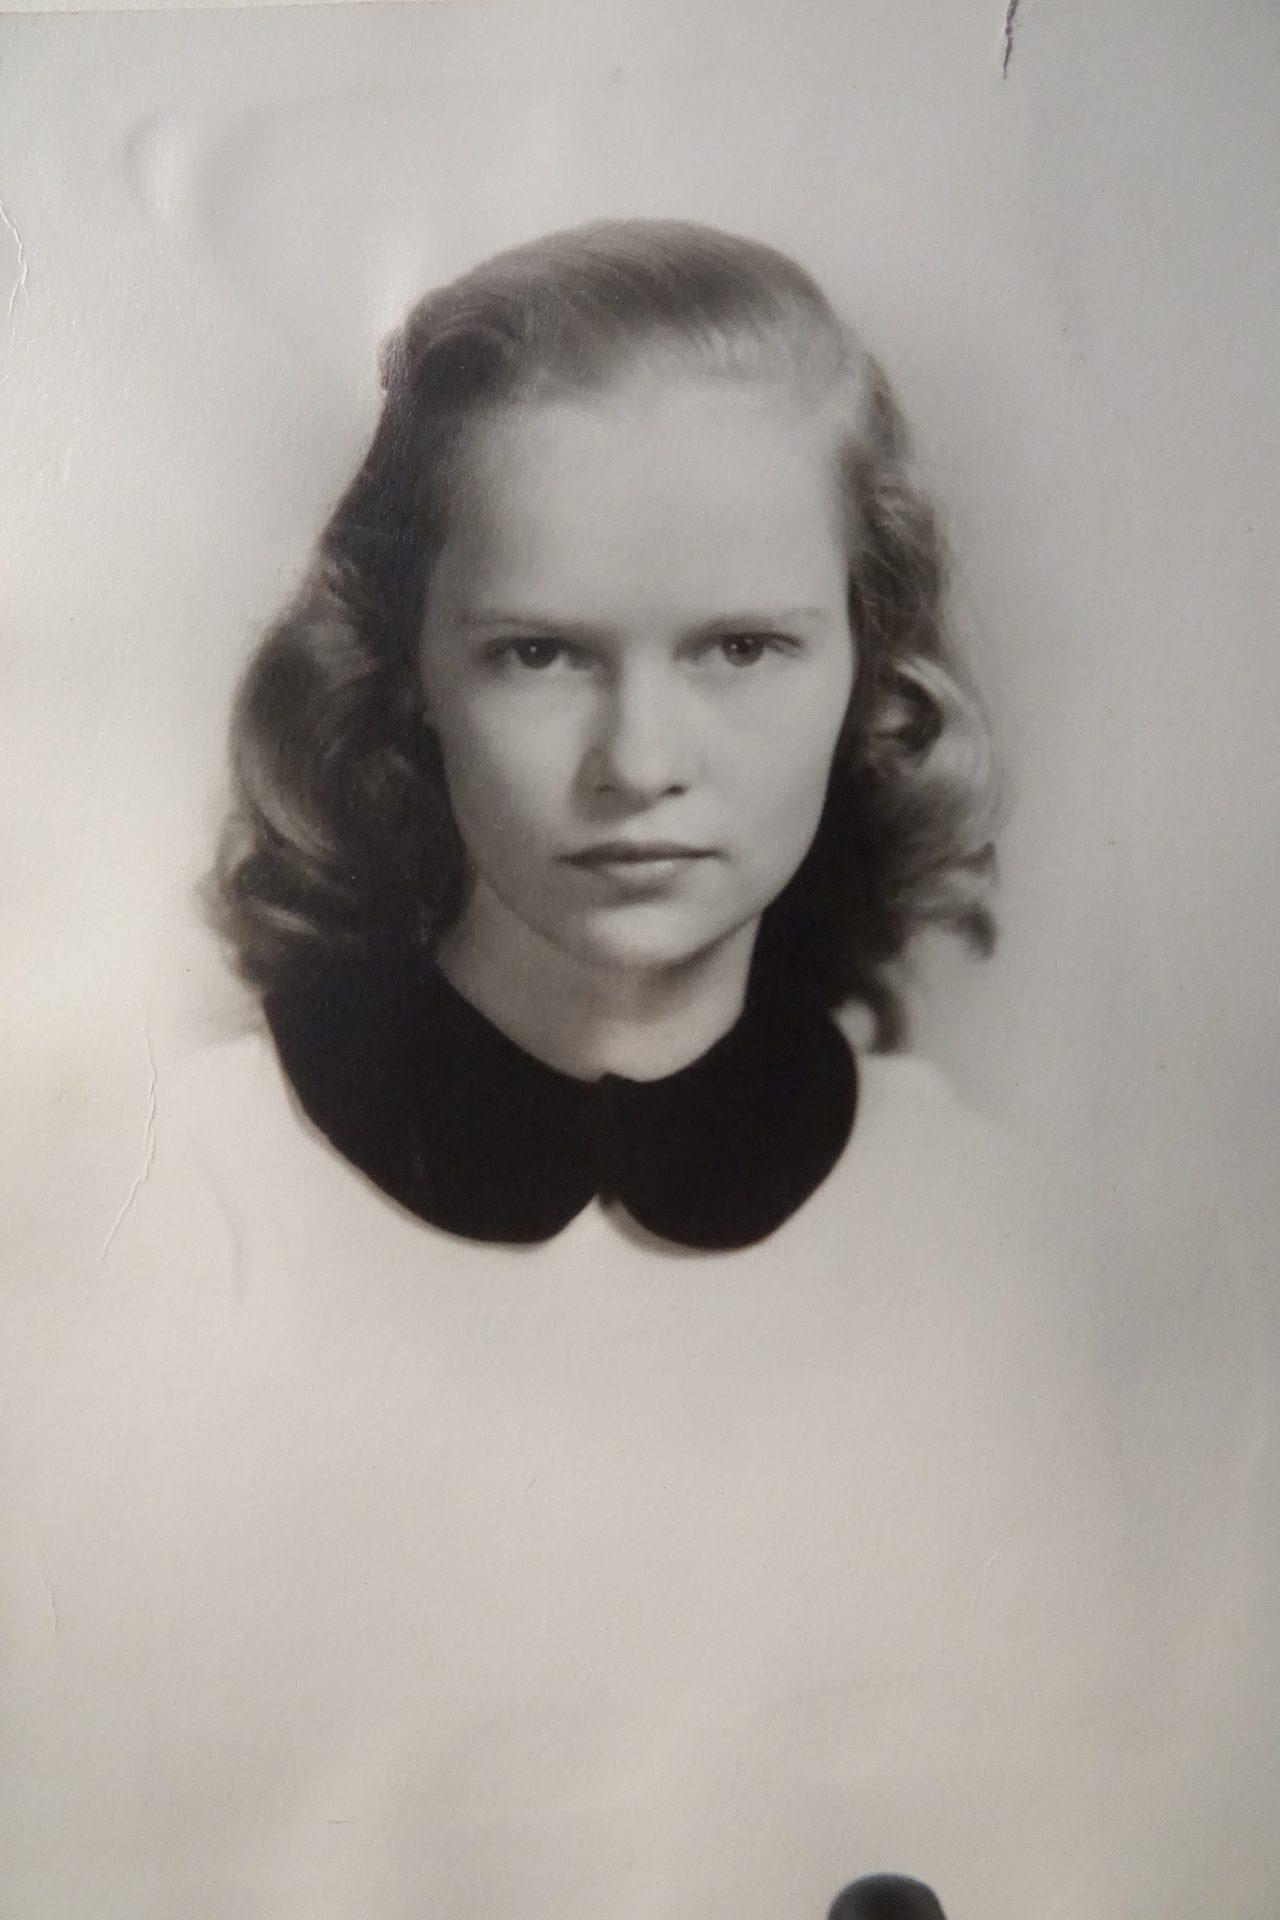 Joanne McKinley Gunter